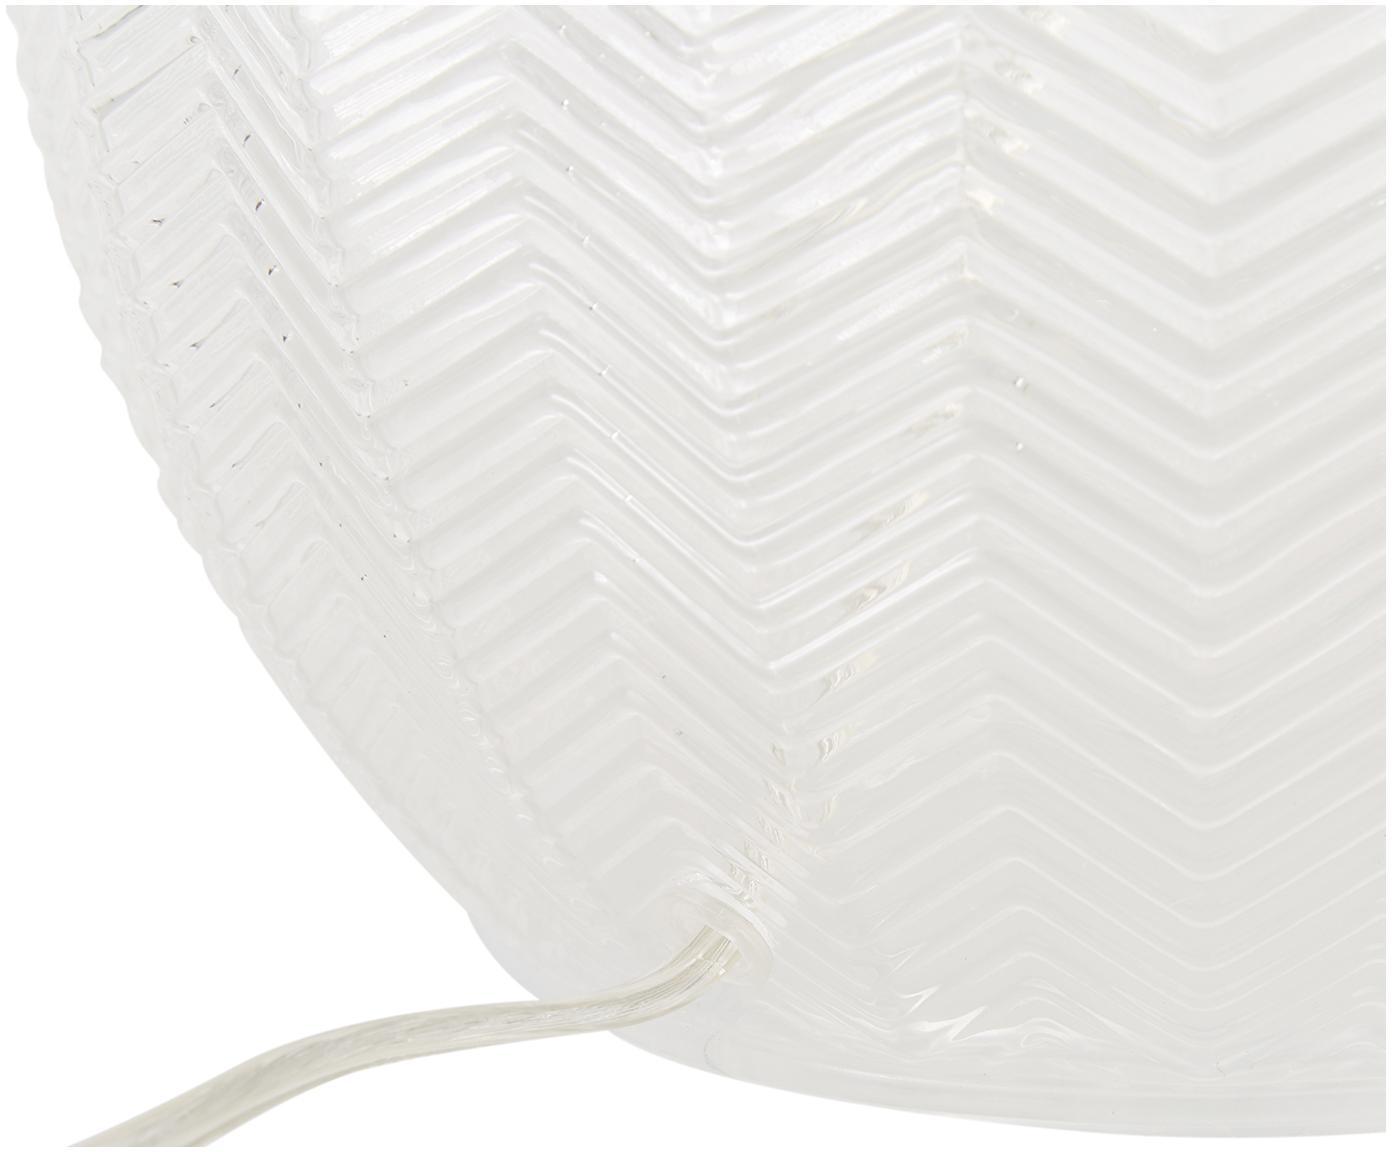 Lampa stołowa Sue, Klosz: biały Podstawa lampy: transparentny, mosiądz, szczotkowany, Ø 33 x W 47 cm